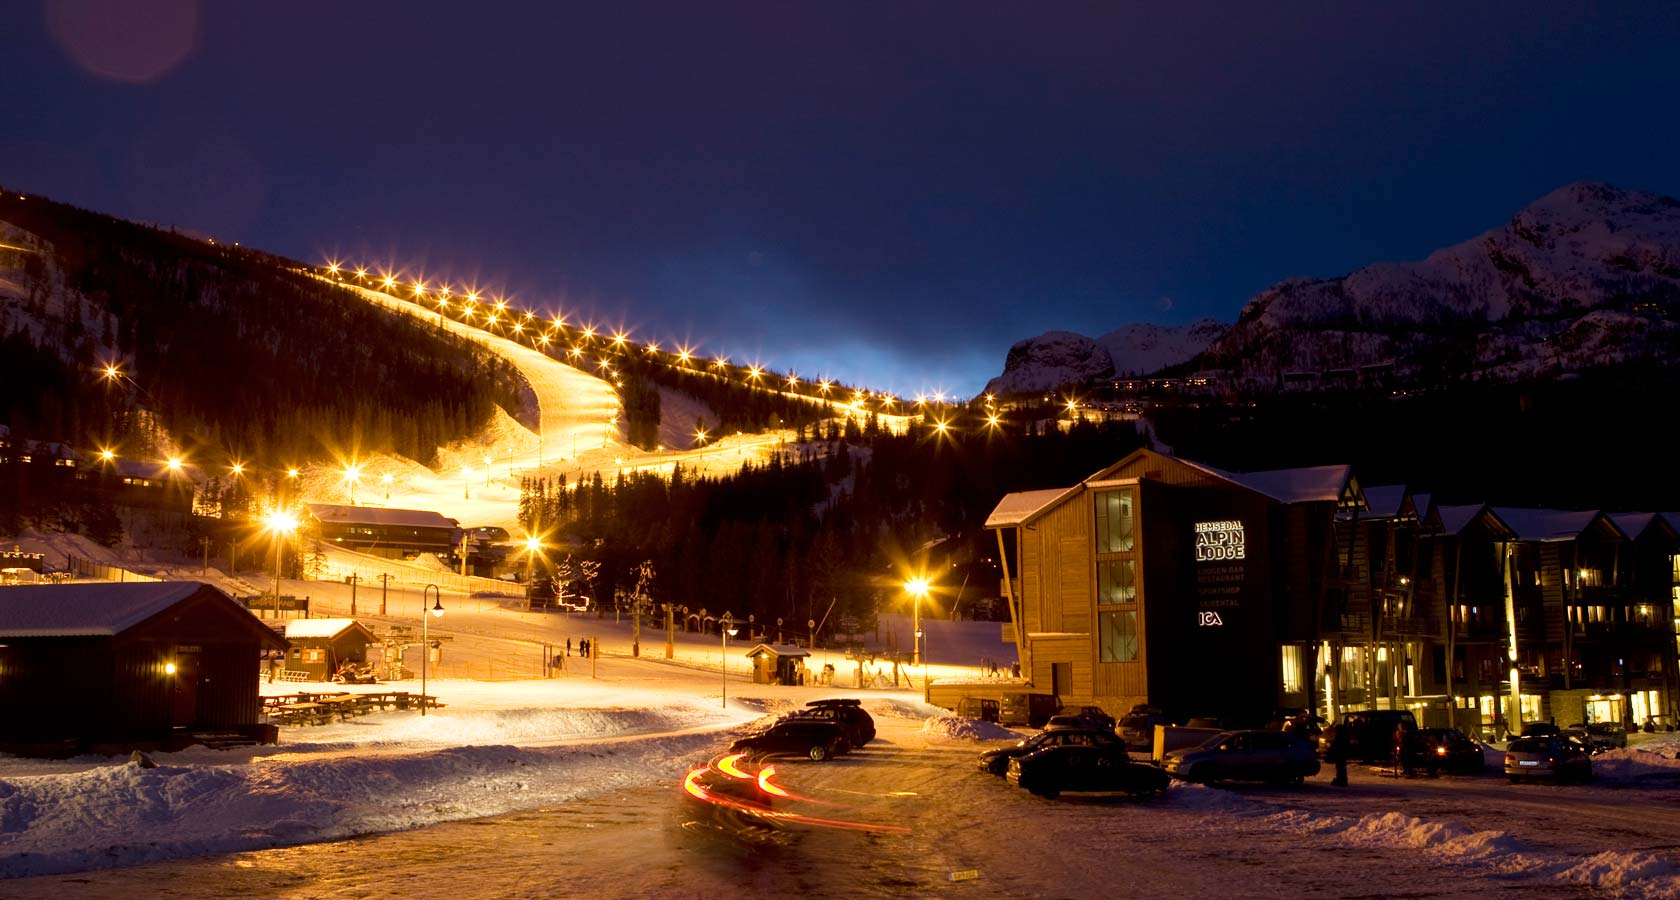 Alpine-village-night.jpg